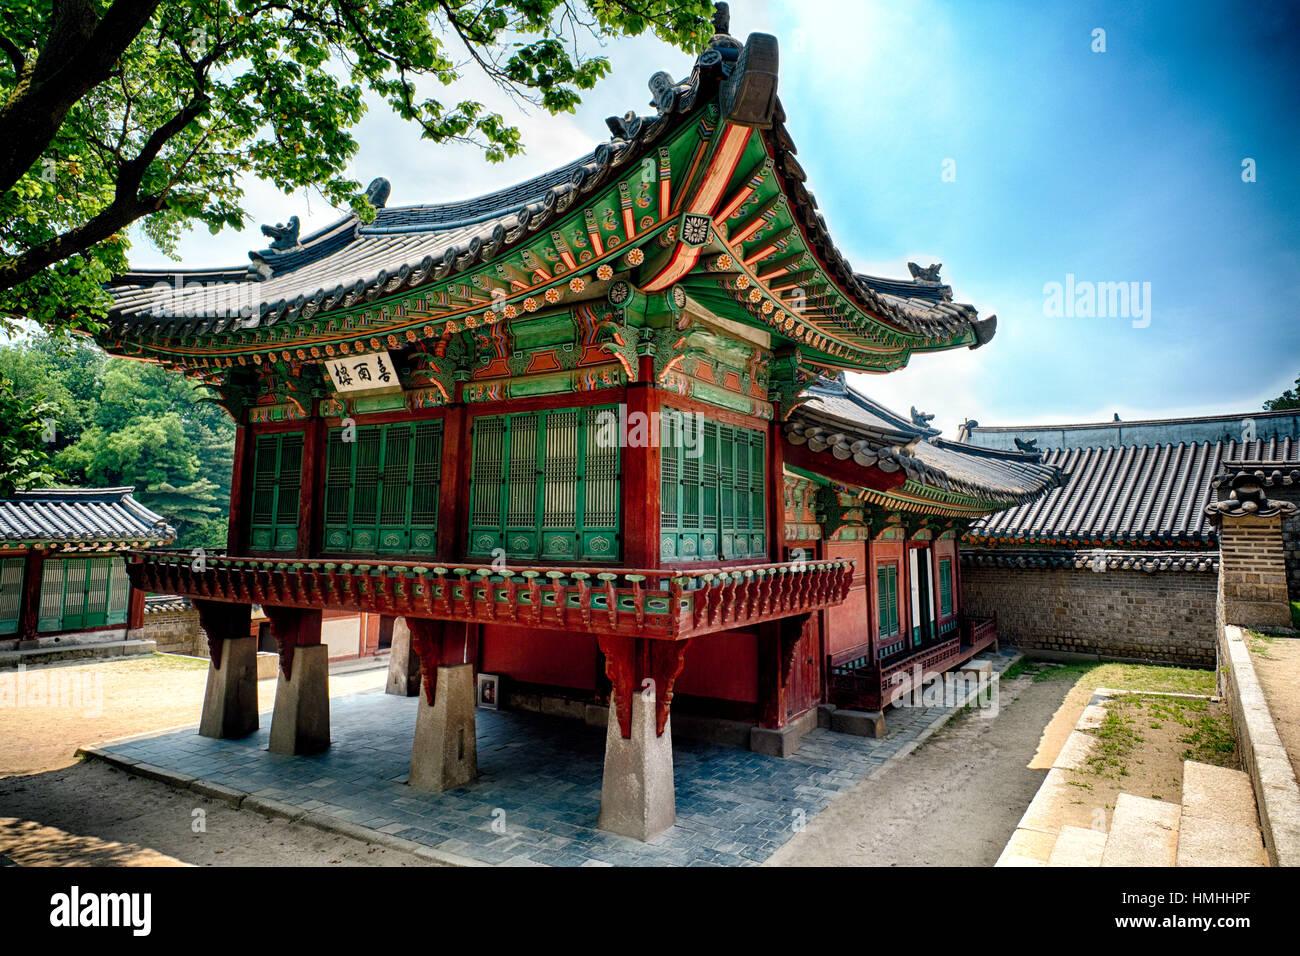 Reich verzierte traditionelle koreanische Gebäude im königlichen Palast Changdeokgung, Seoul, Südkorea Stockbild